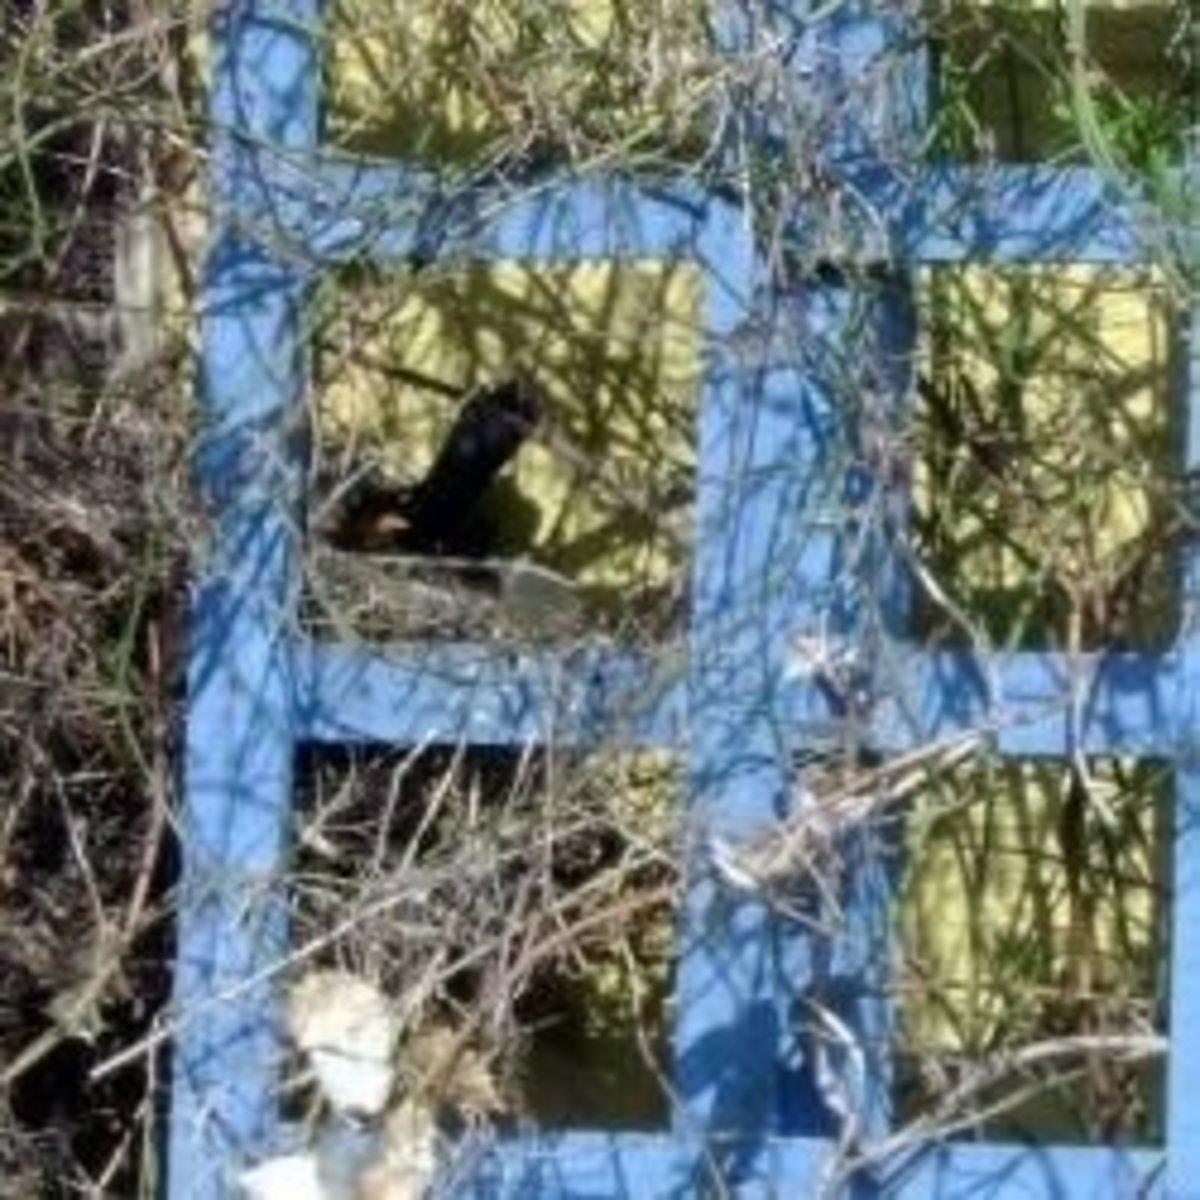 ournestingblackbirds